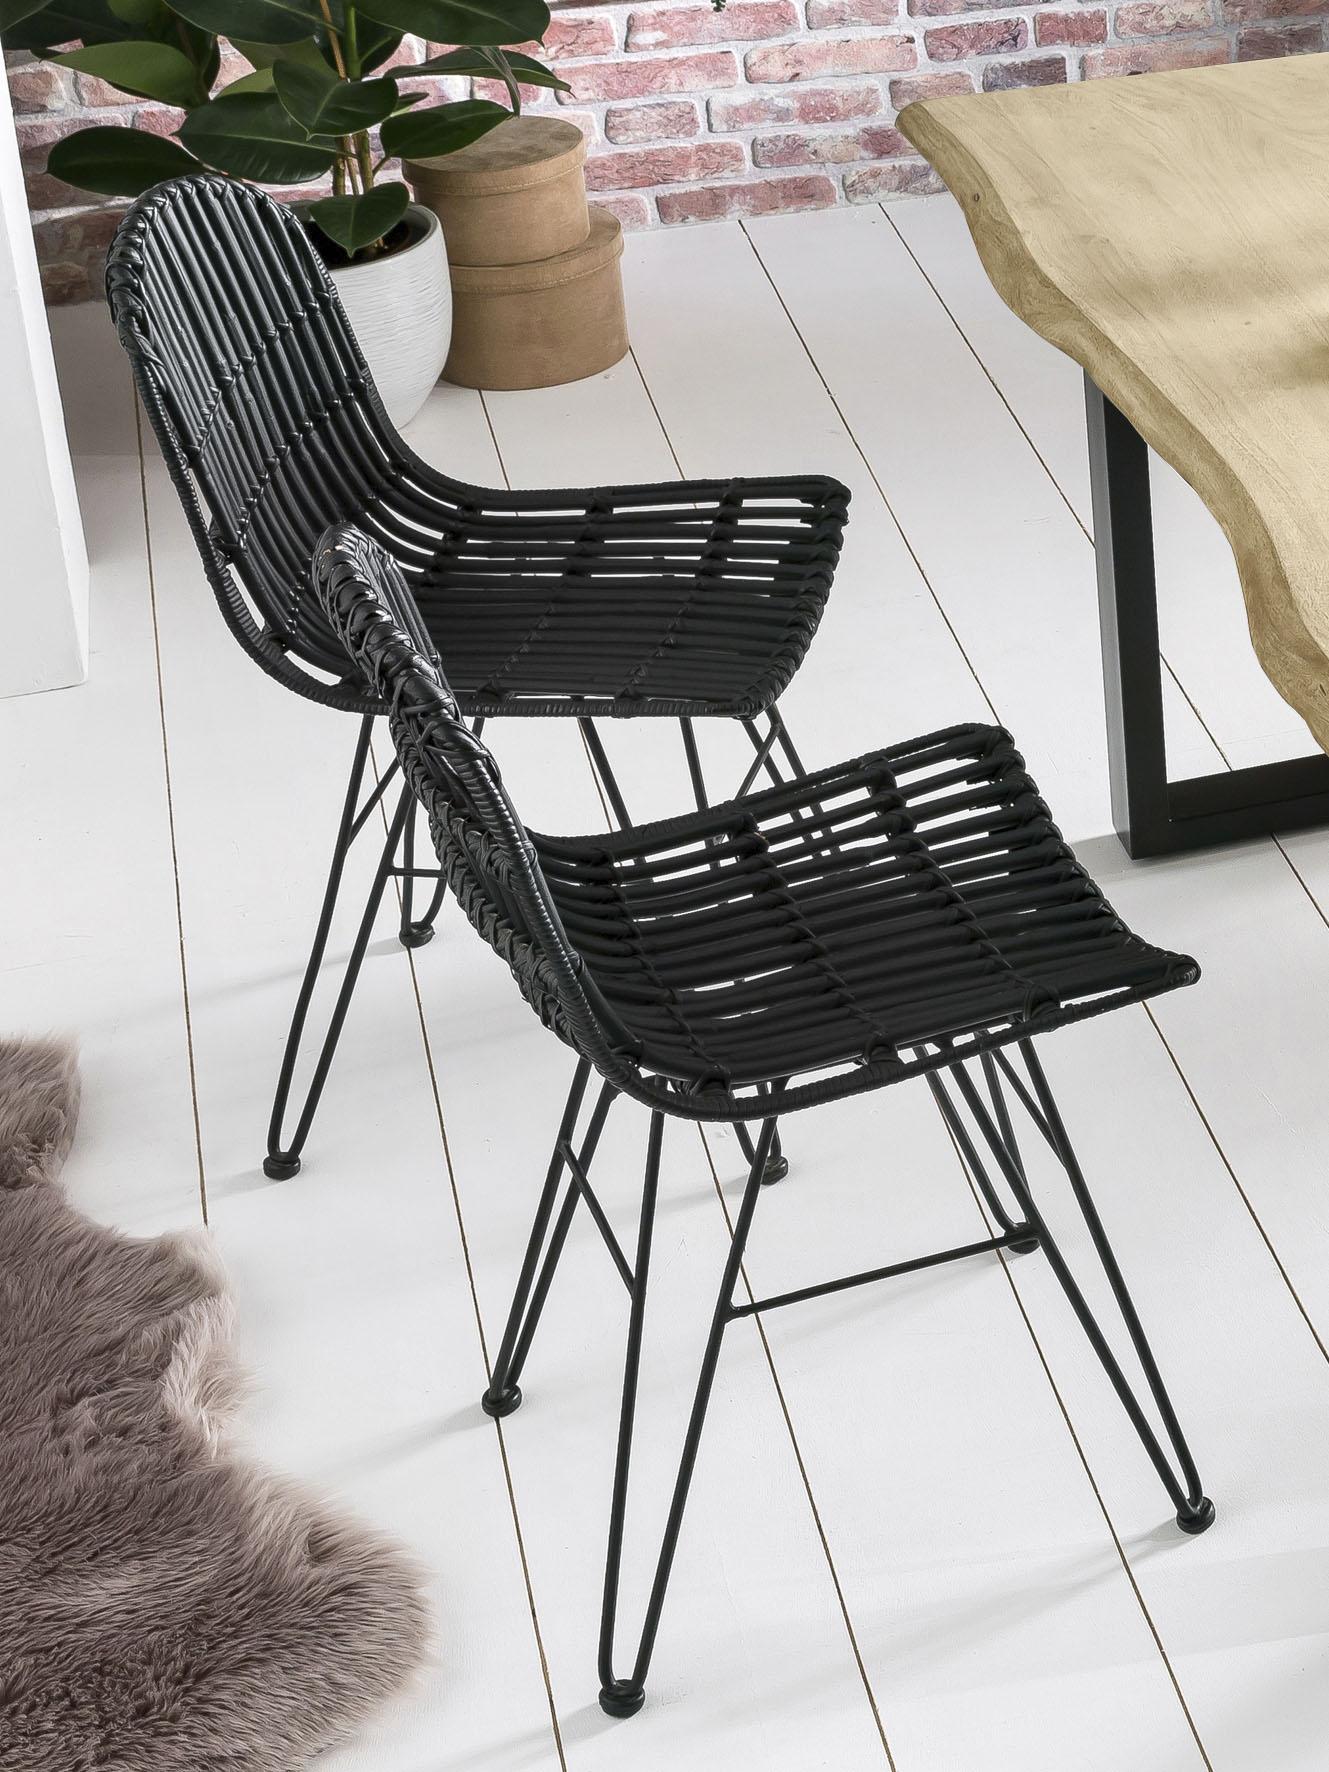 SIT Rattanstuhl Rattan Vintage, Shabby Chic, Vintage schwarz 4-Fuß-Stühle Stühle Sitzbänke